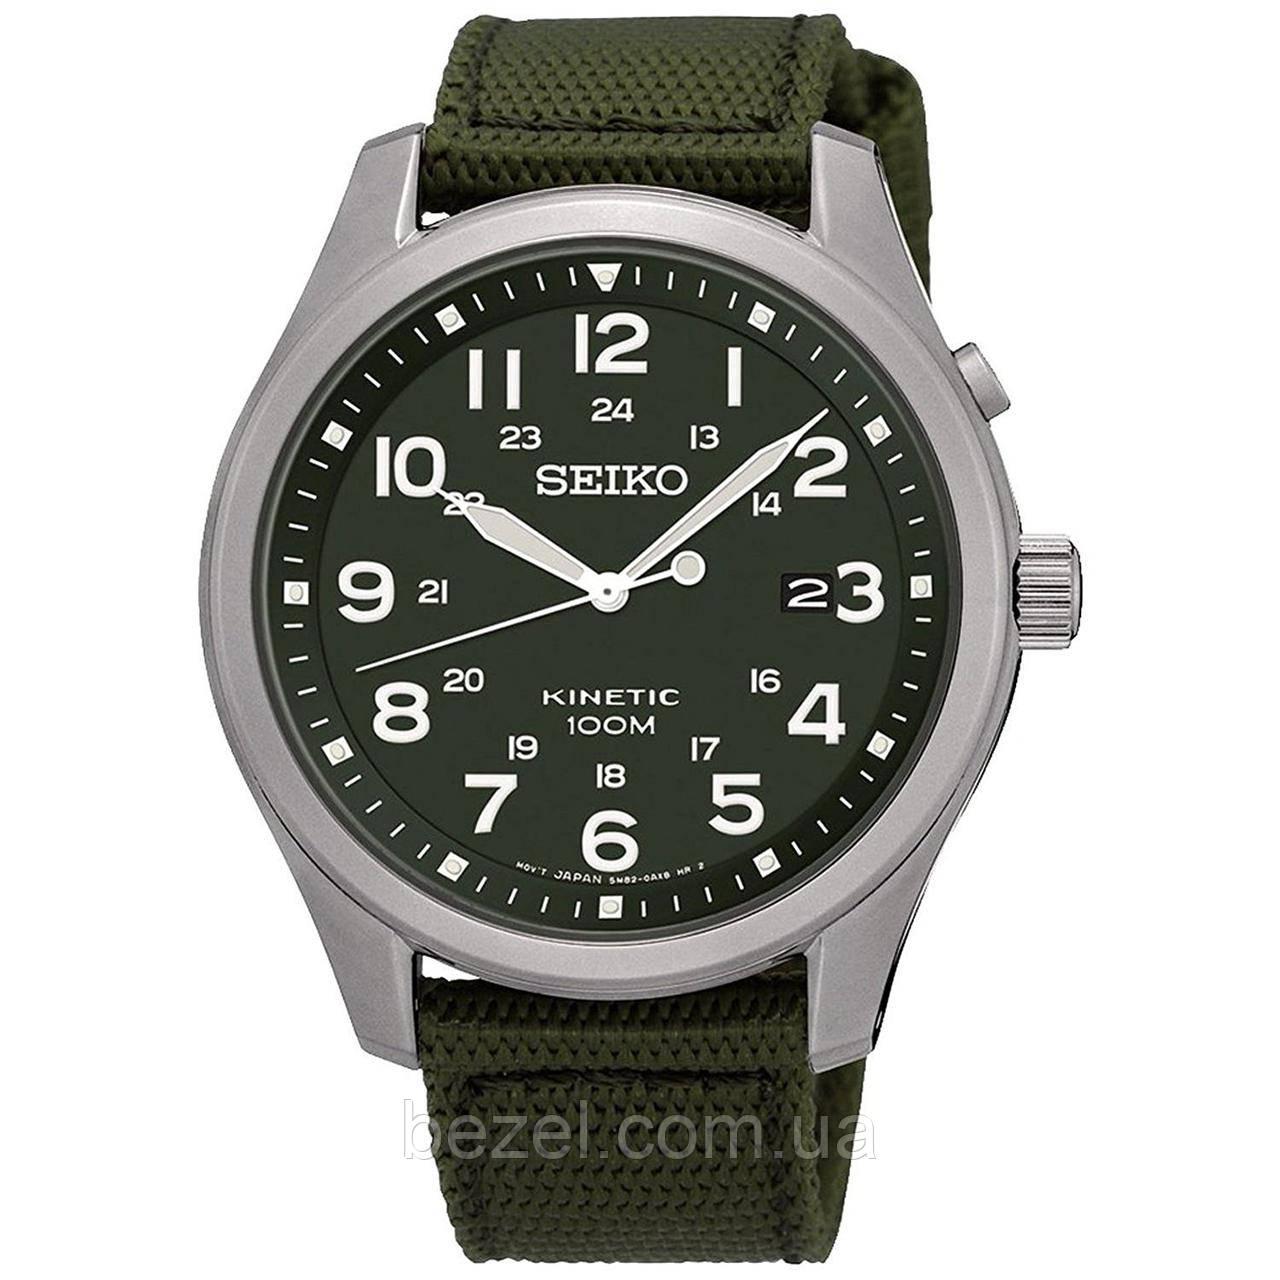 Купить часы мужские сейко как настроить цифровые наручные часы